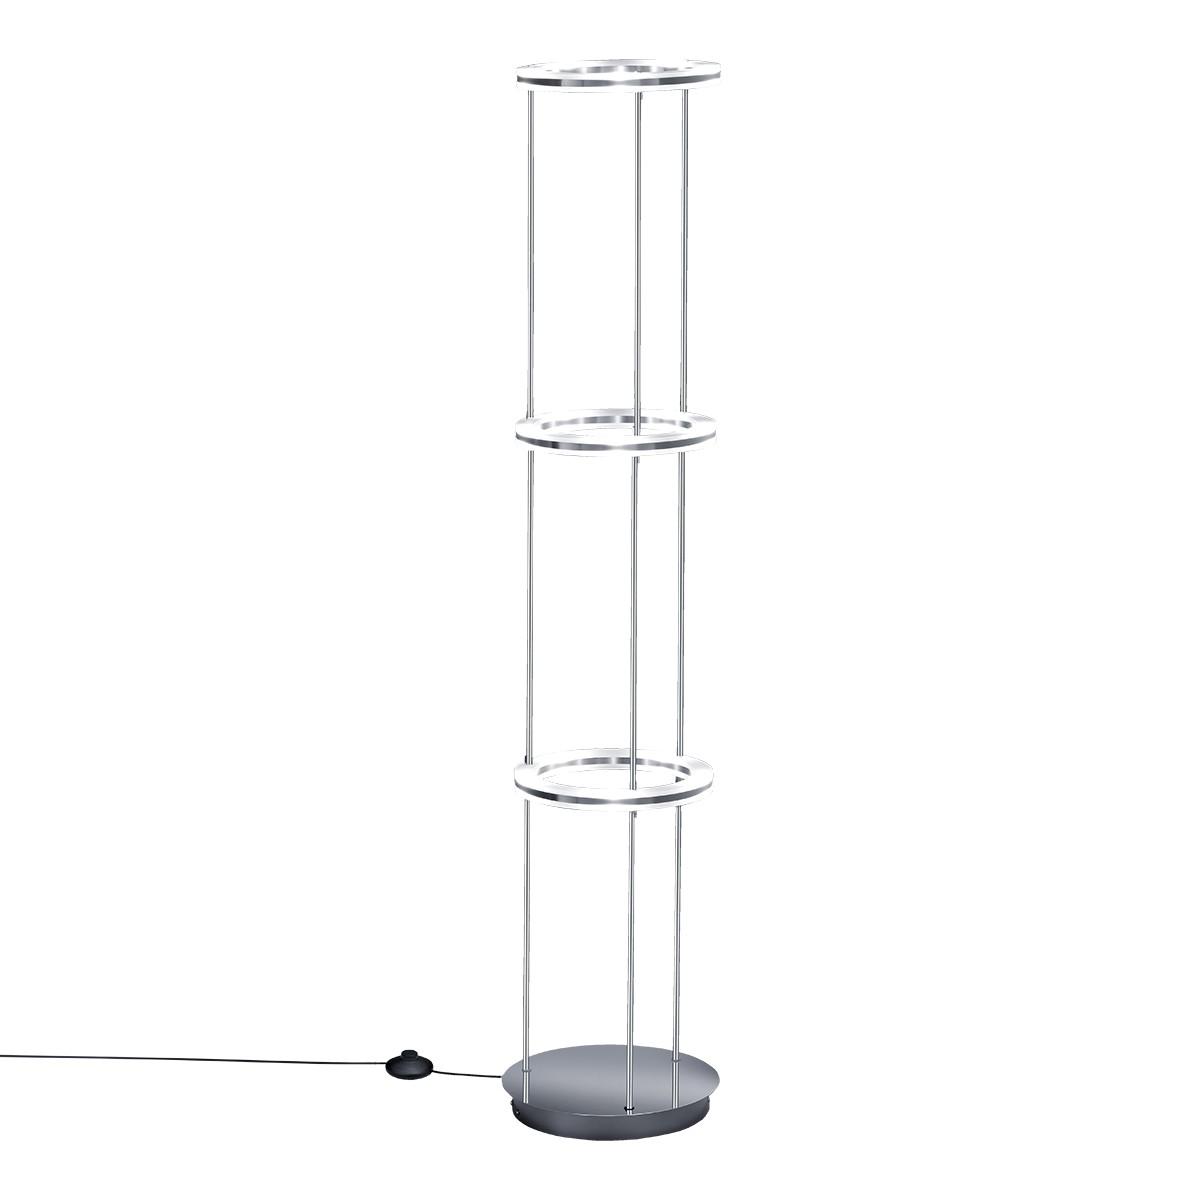 B-Leuchten Mica LED Stehleuchte, Nickel matt / Chrom